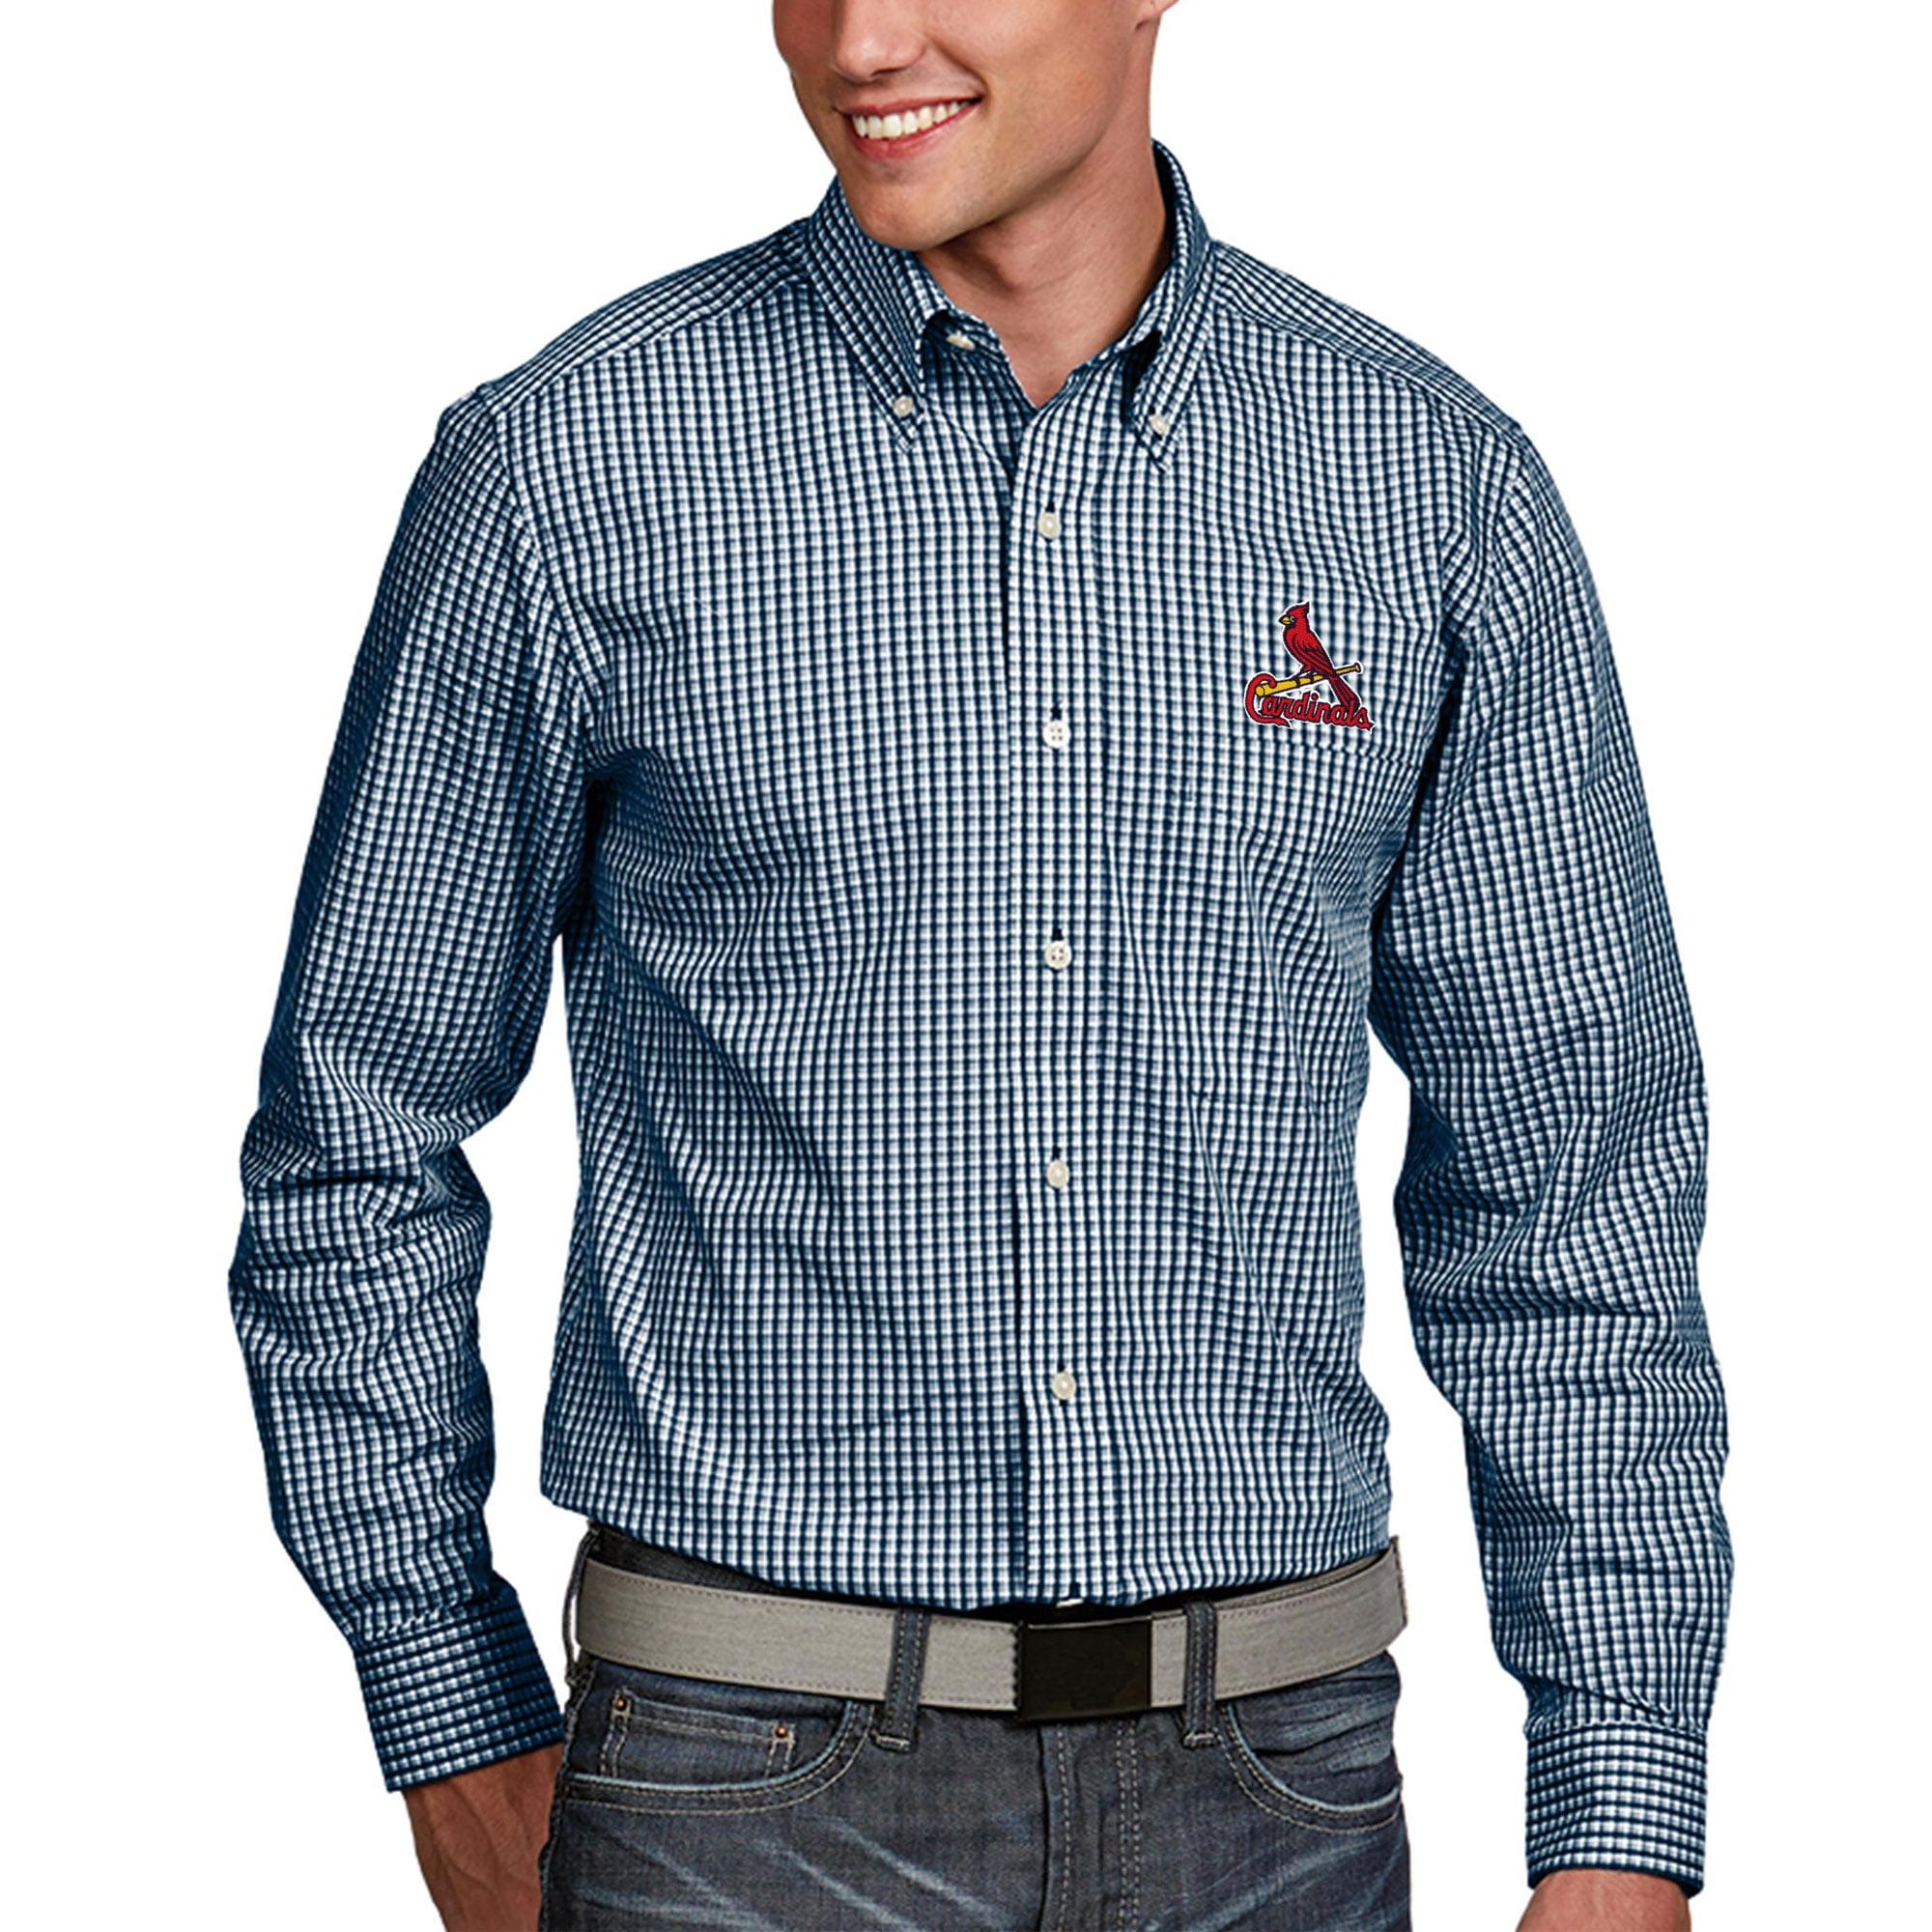 St. Louis Cardinals Antigua Associate Woven Big & Tall Long Sleeve Button-Down Shirt - Navy